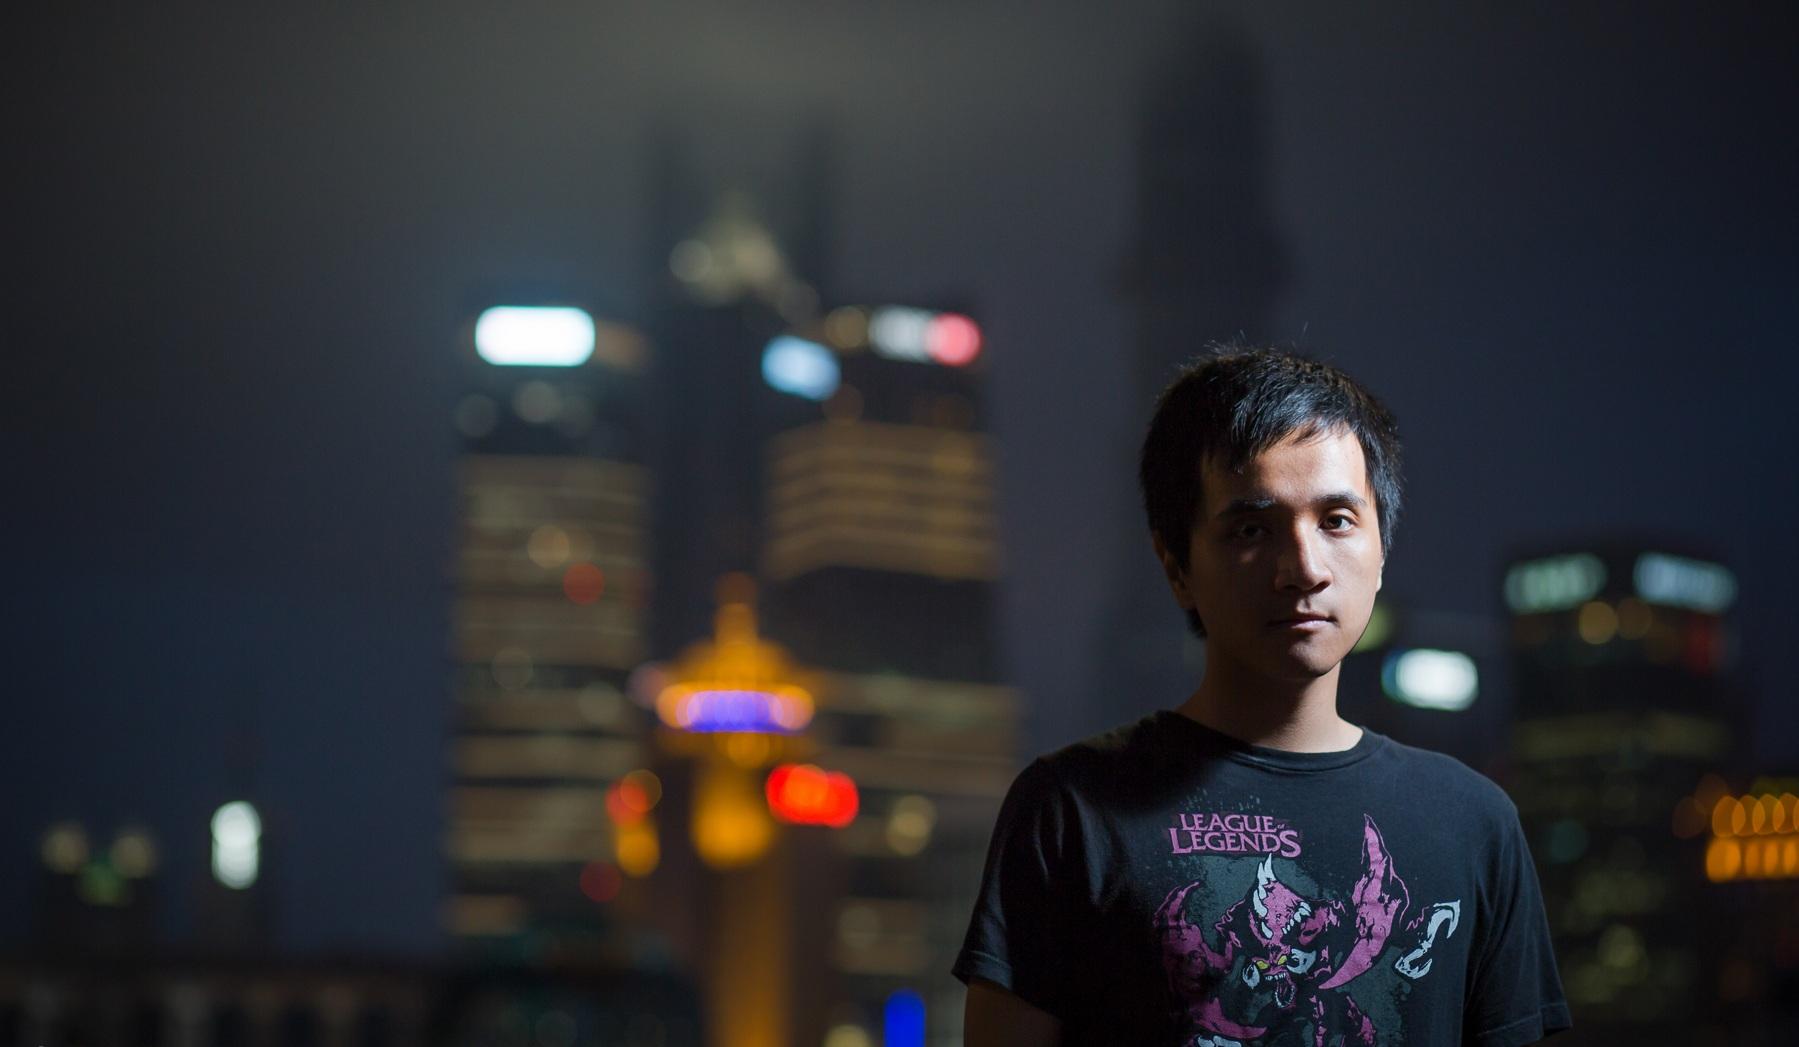 AD 教科書 Chaox 亞洲之旅專訪 - 新聞 《英雄聯盟 LoL》官方網站